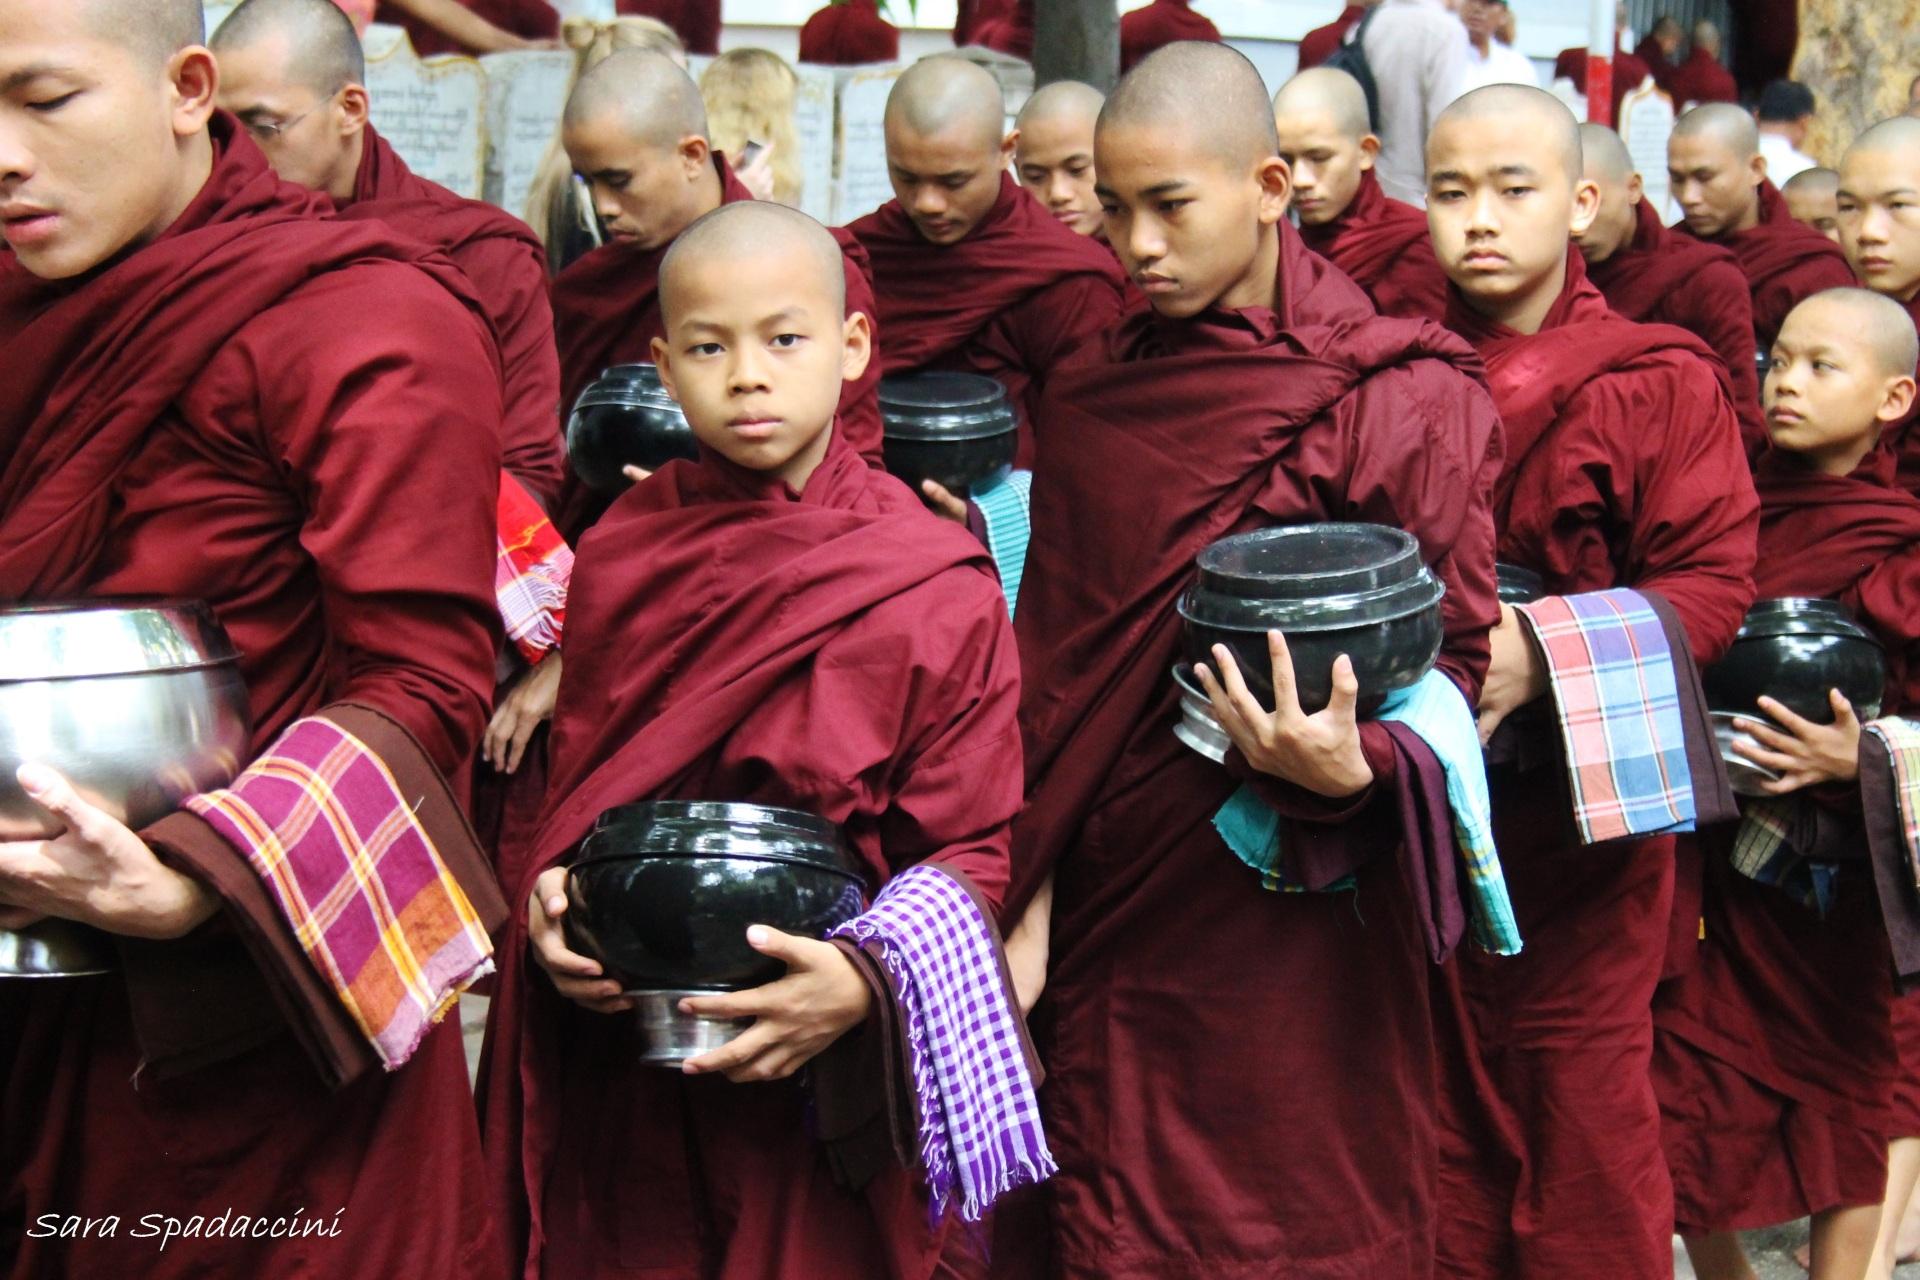 monaci-in-fila-per-il-pasto-al-monastero-mahagandayon-5-amarapura-birmania